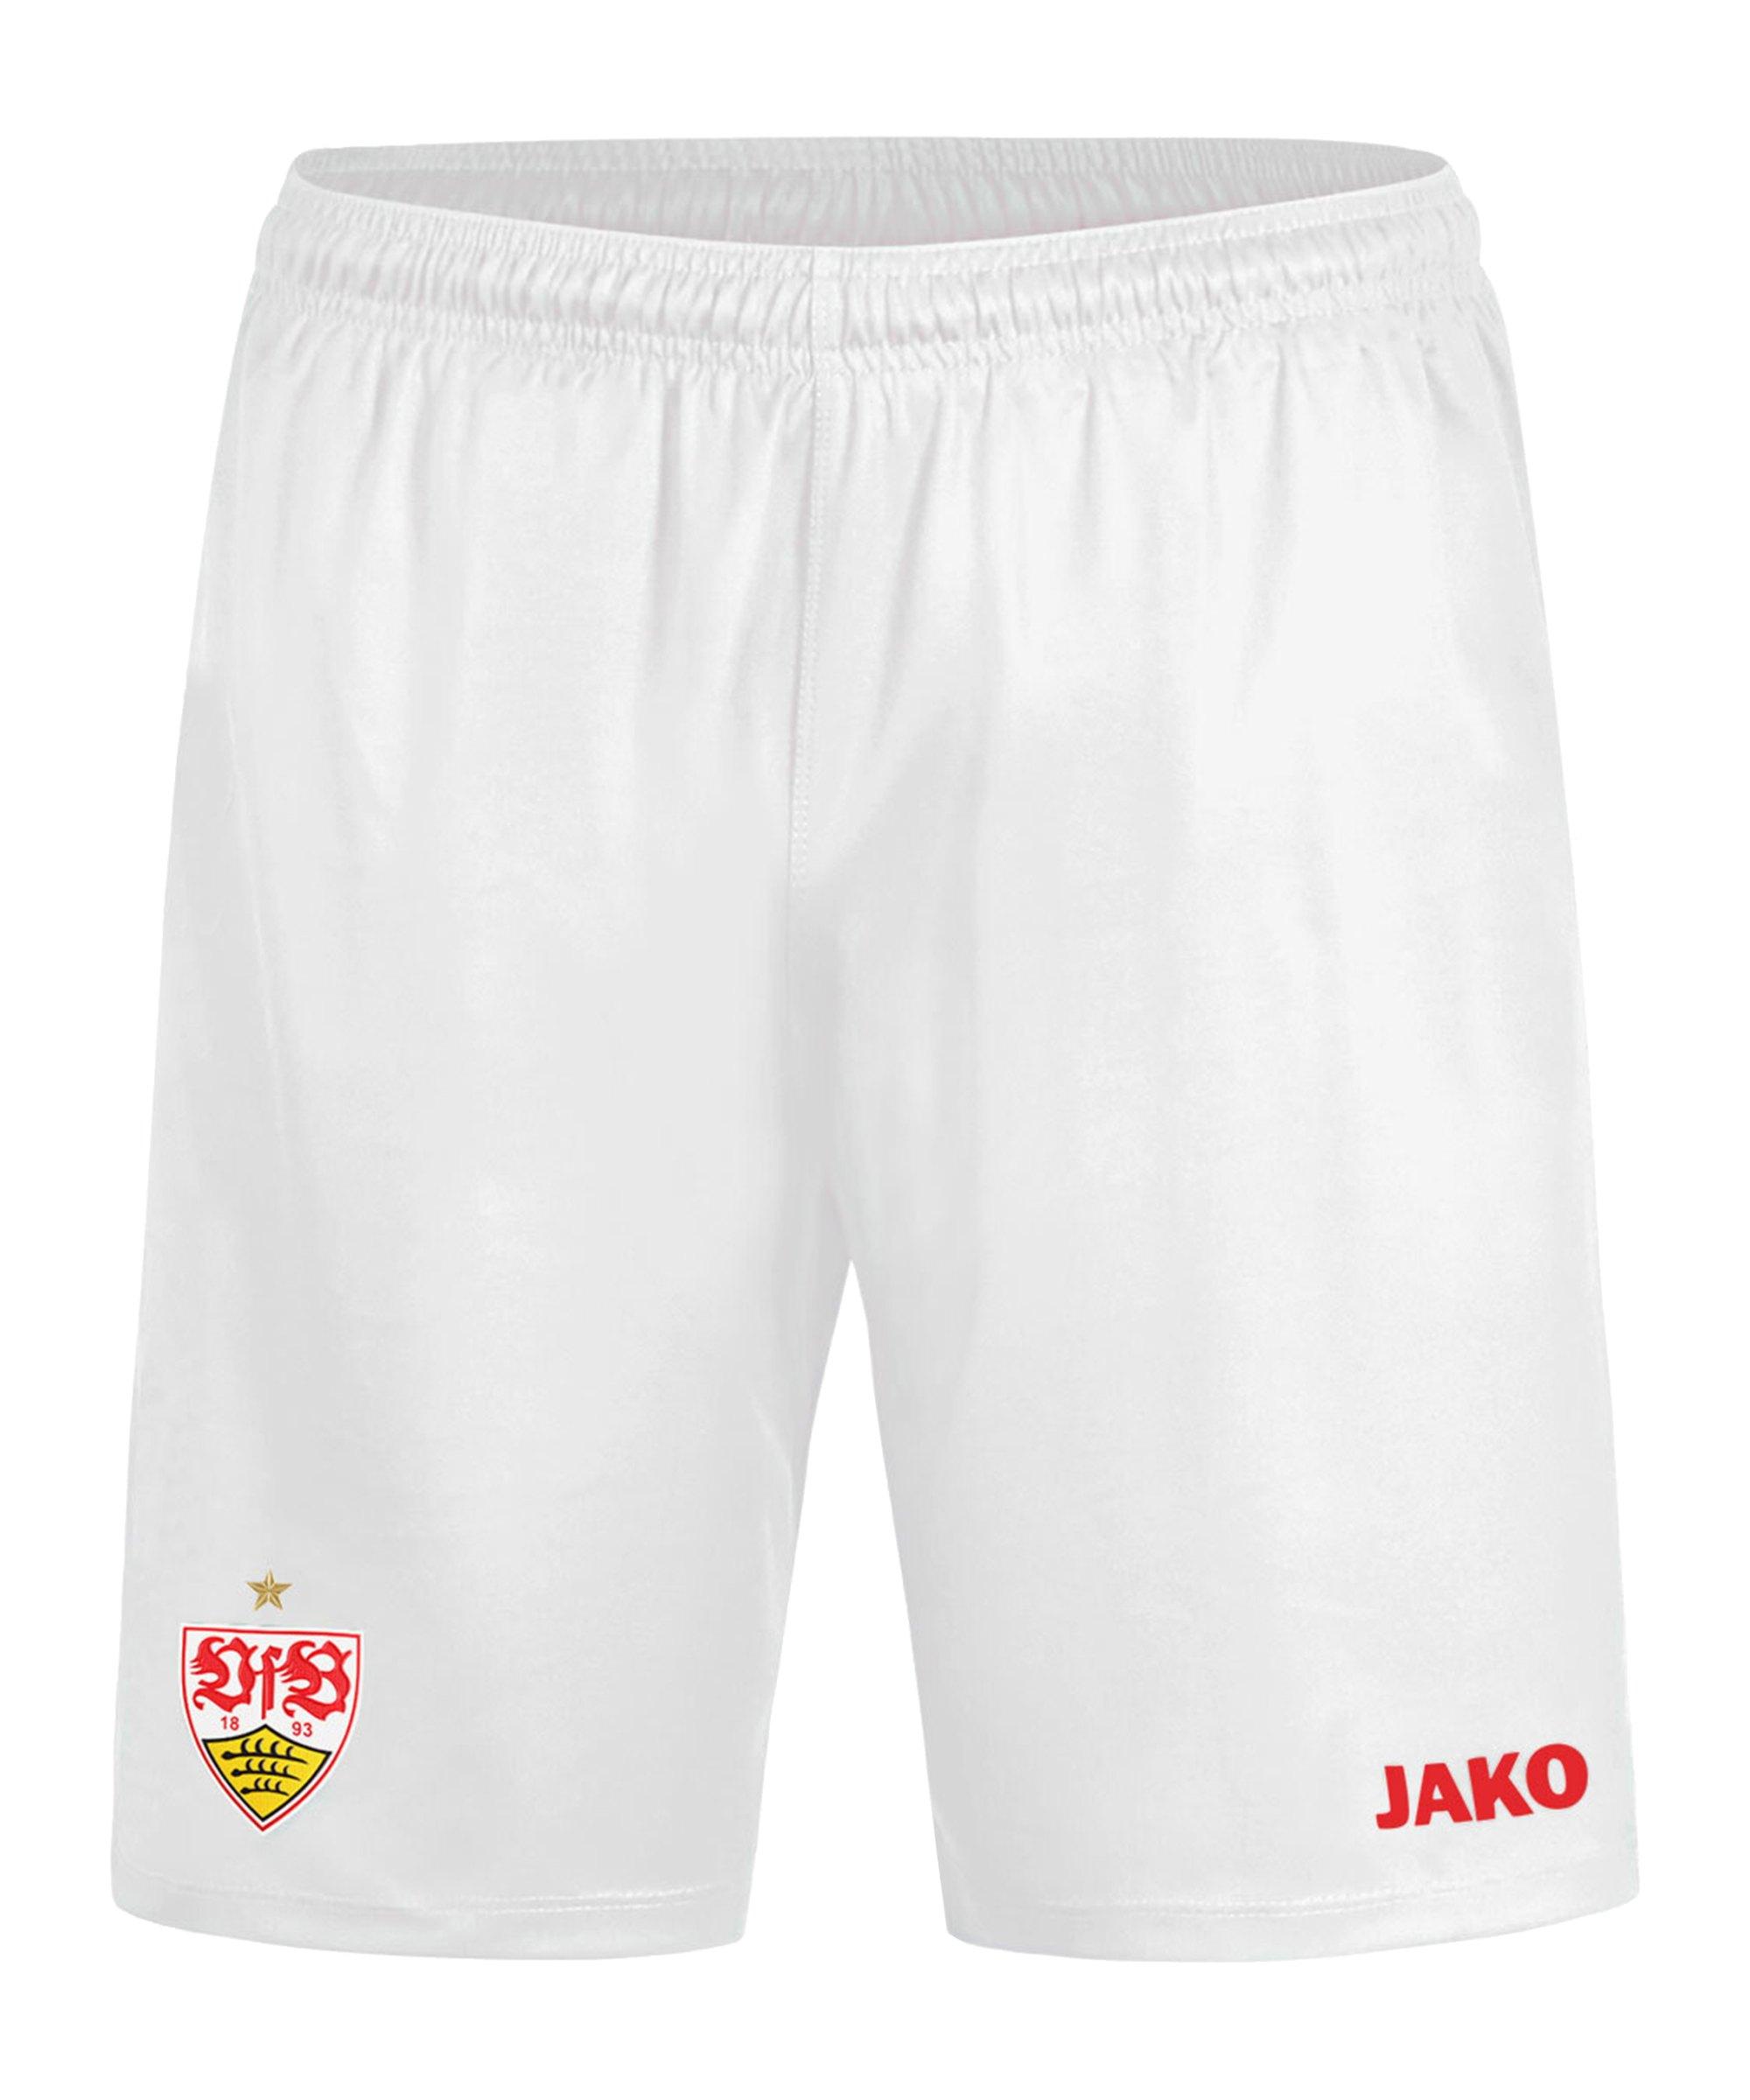 JAKO VfB Stuttgart Short Home 2020/2021 Kids Weiss F00 - weiss